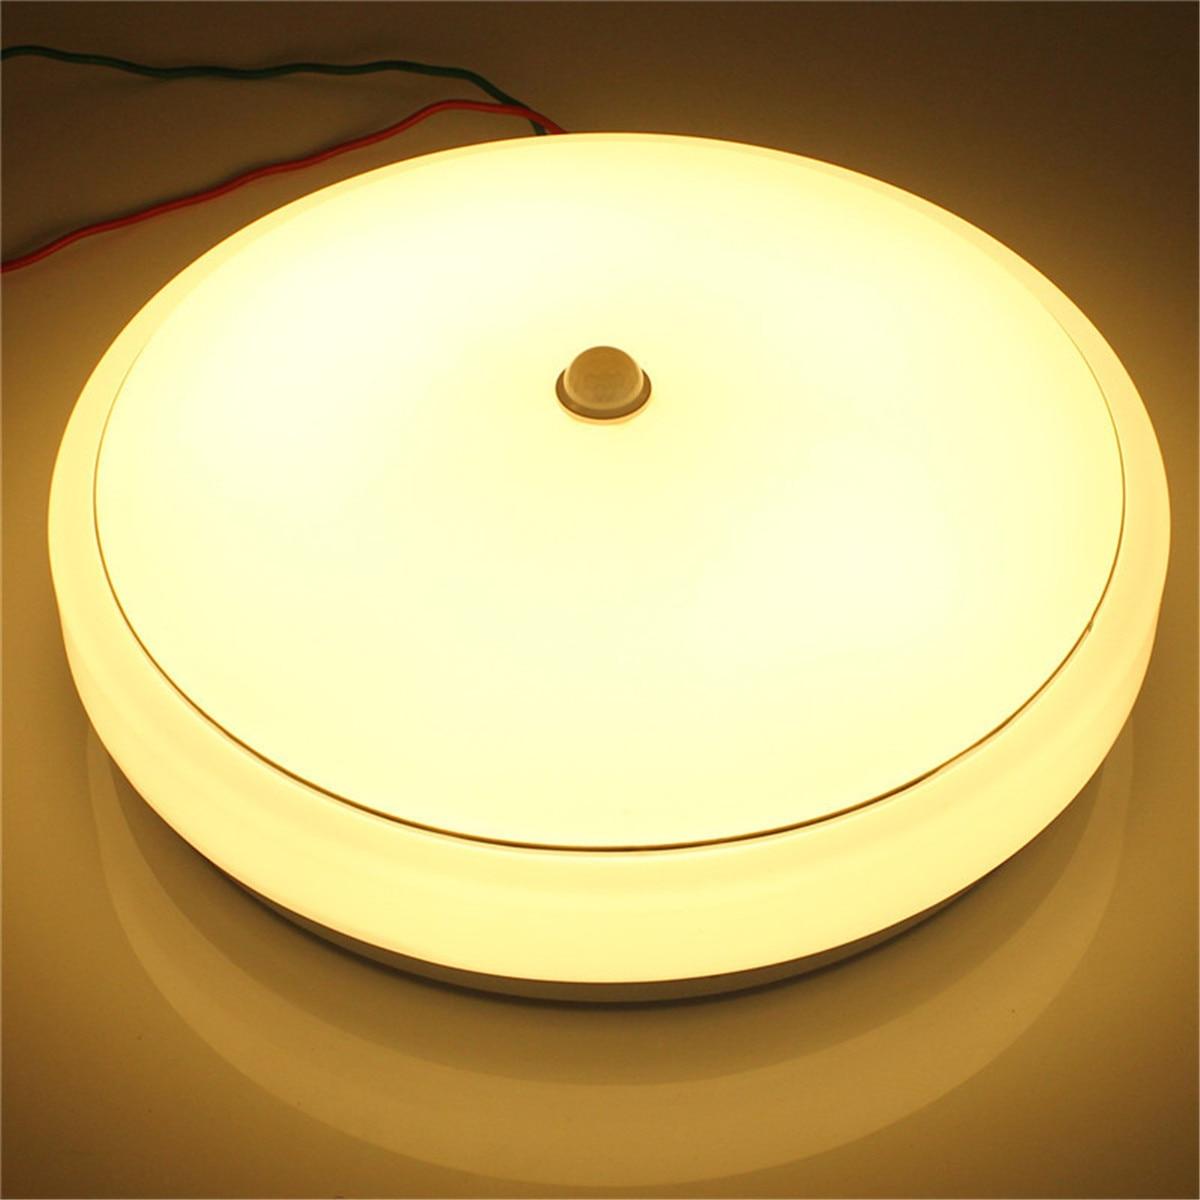 Smuxi Plafonnier 15 w LED Infrarouge PIR Motion Sensor Light Mount AC110-265V D'automatisation de Sécurité Lampe pour La Maison chambre Bureau